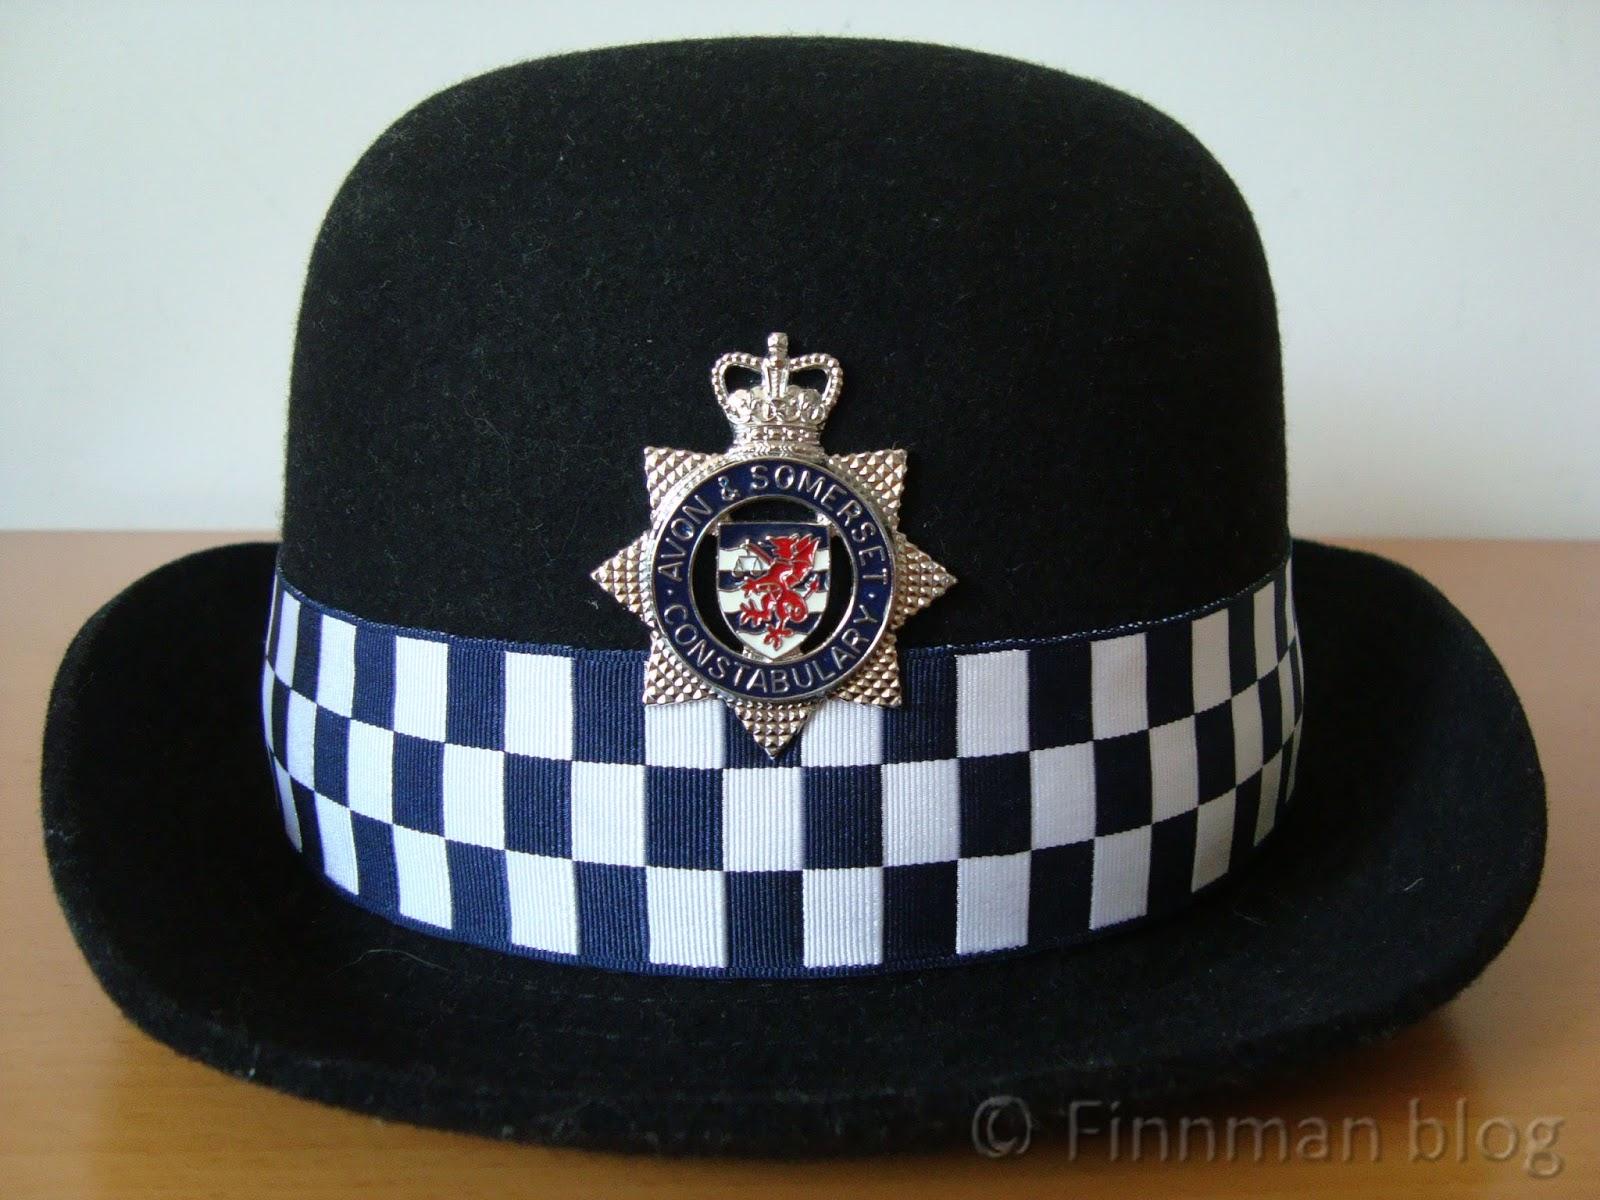 Avon Amp Somerset Constabulary Headgear Peaked Caps Hats